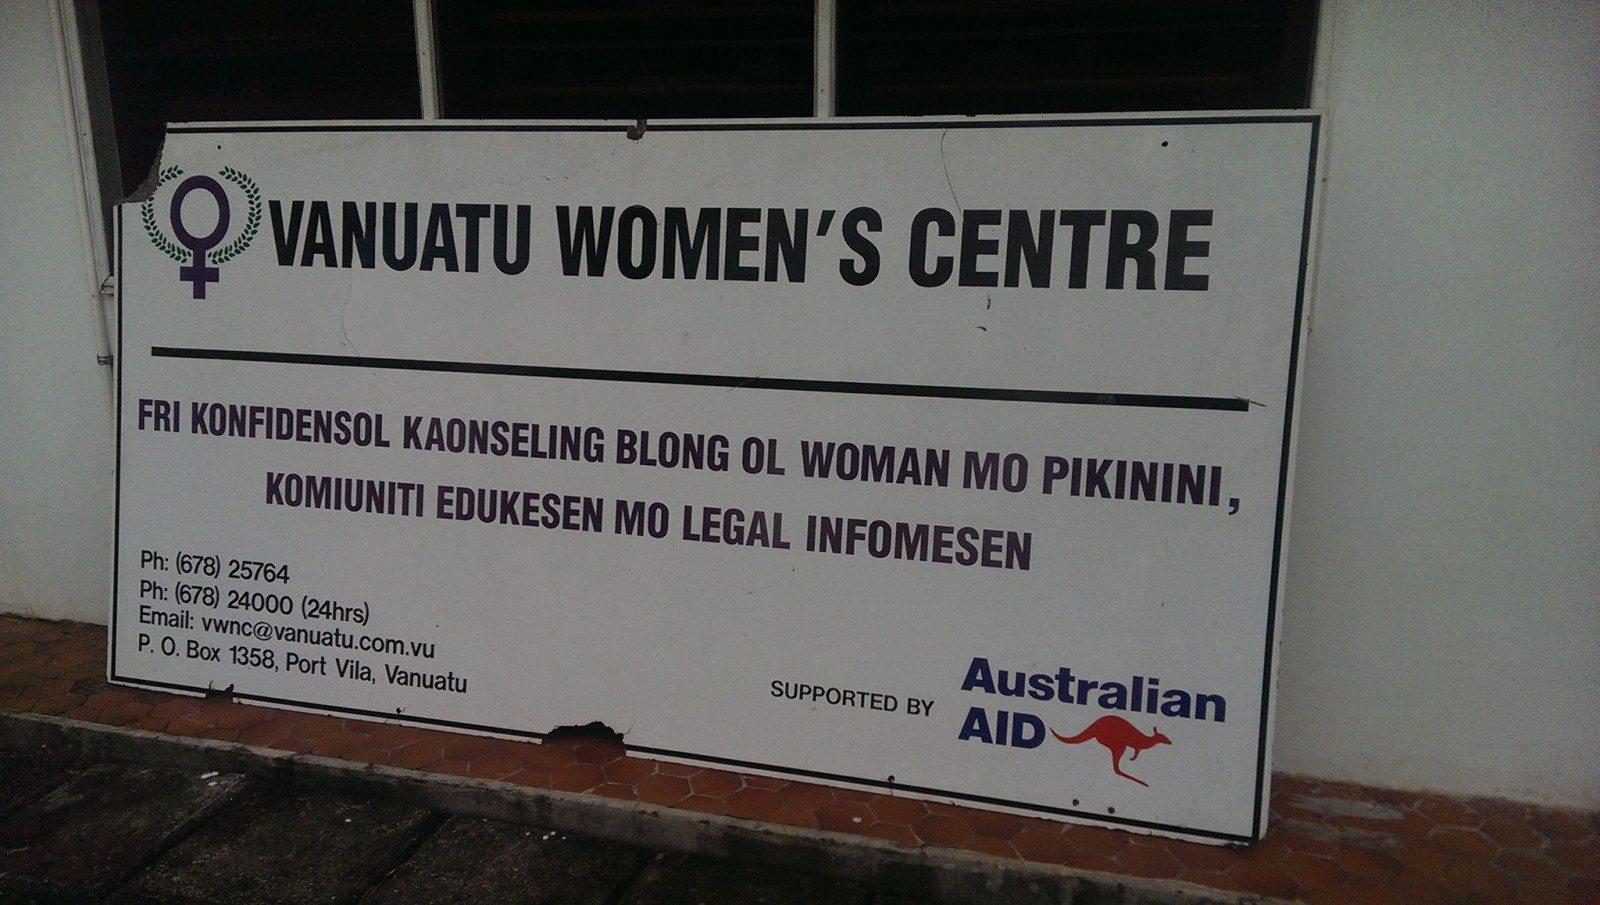 vanuatu women's centre office